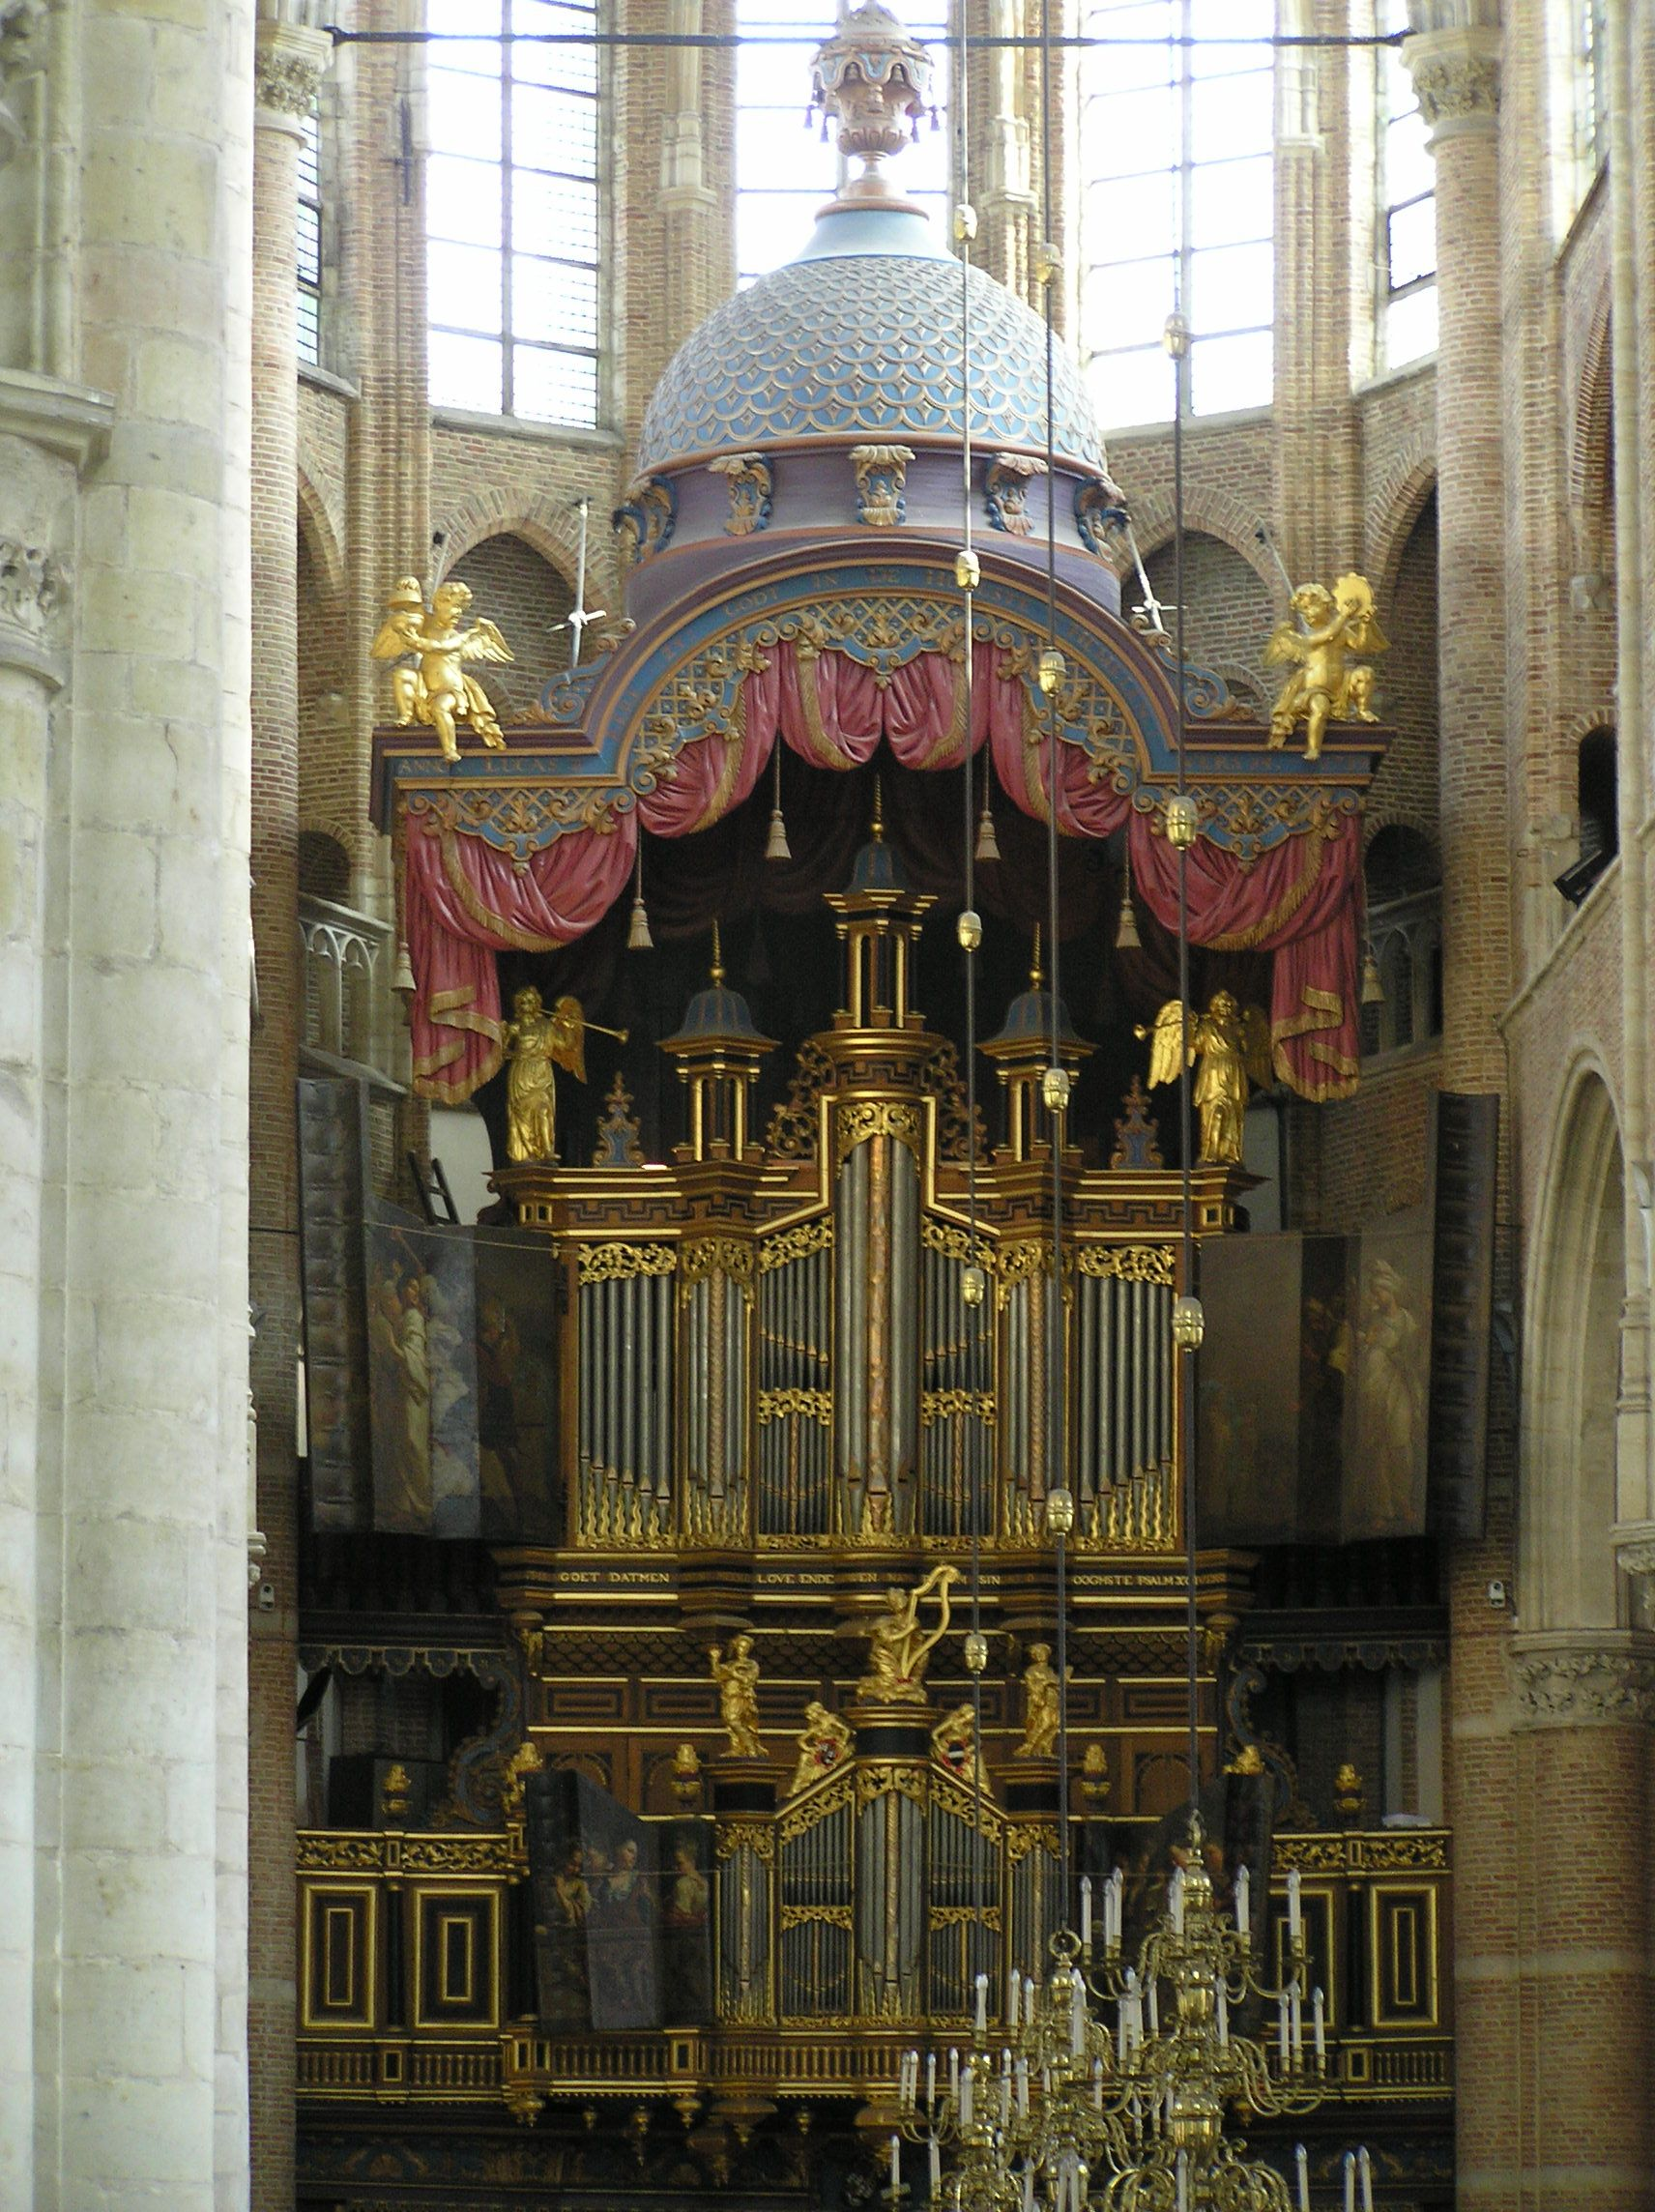 Orgel met Turkse kap. (foto Wikimedia, Lymantria)